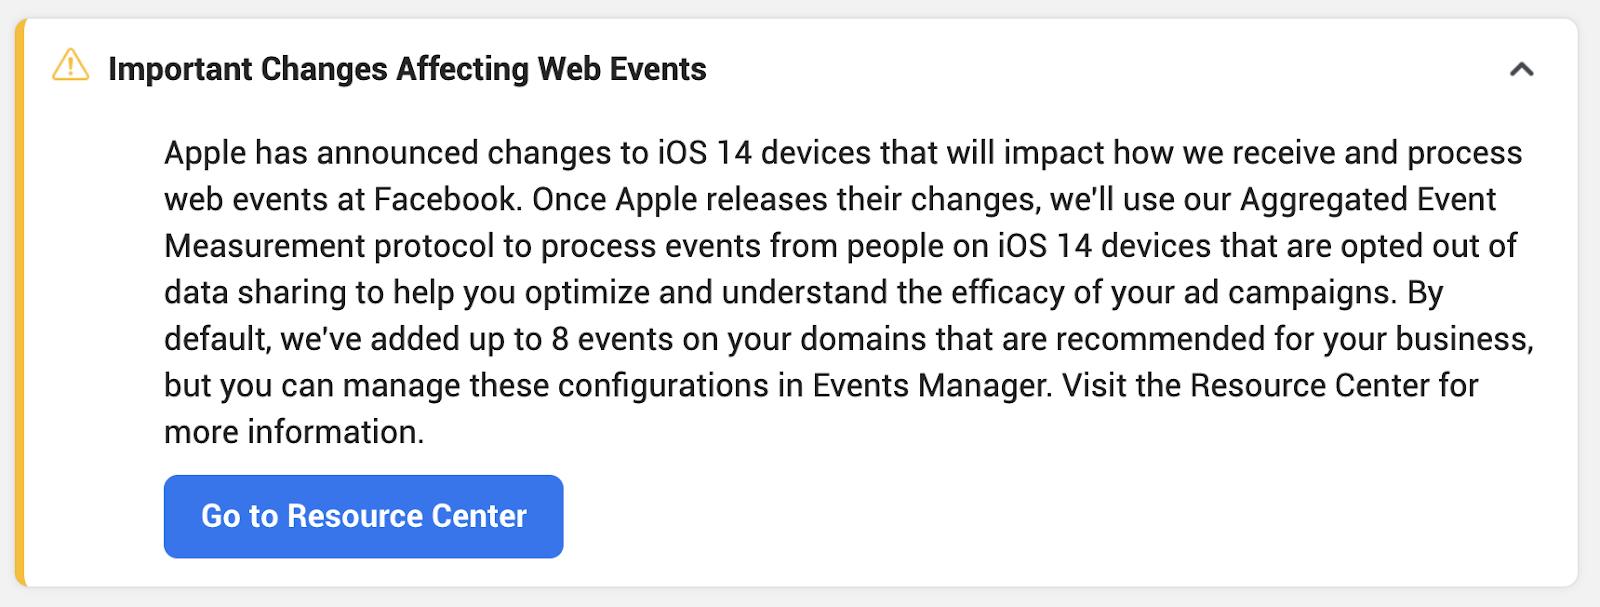 Facebook's response to iOS 14